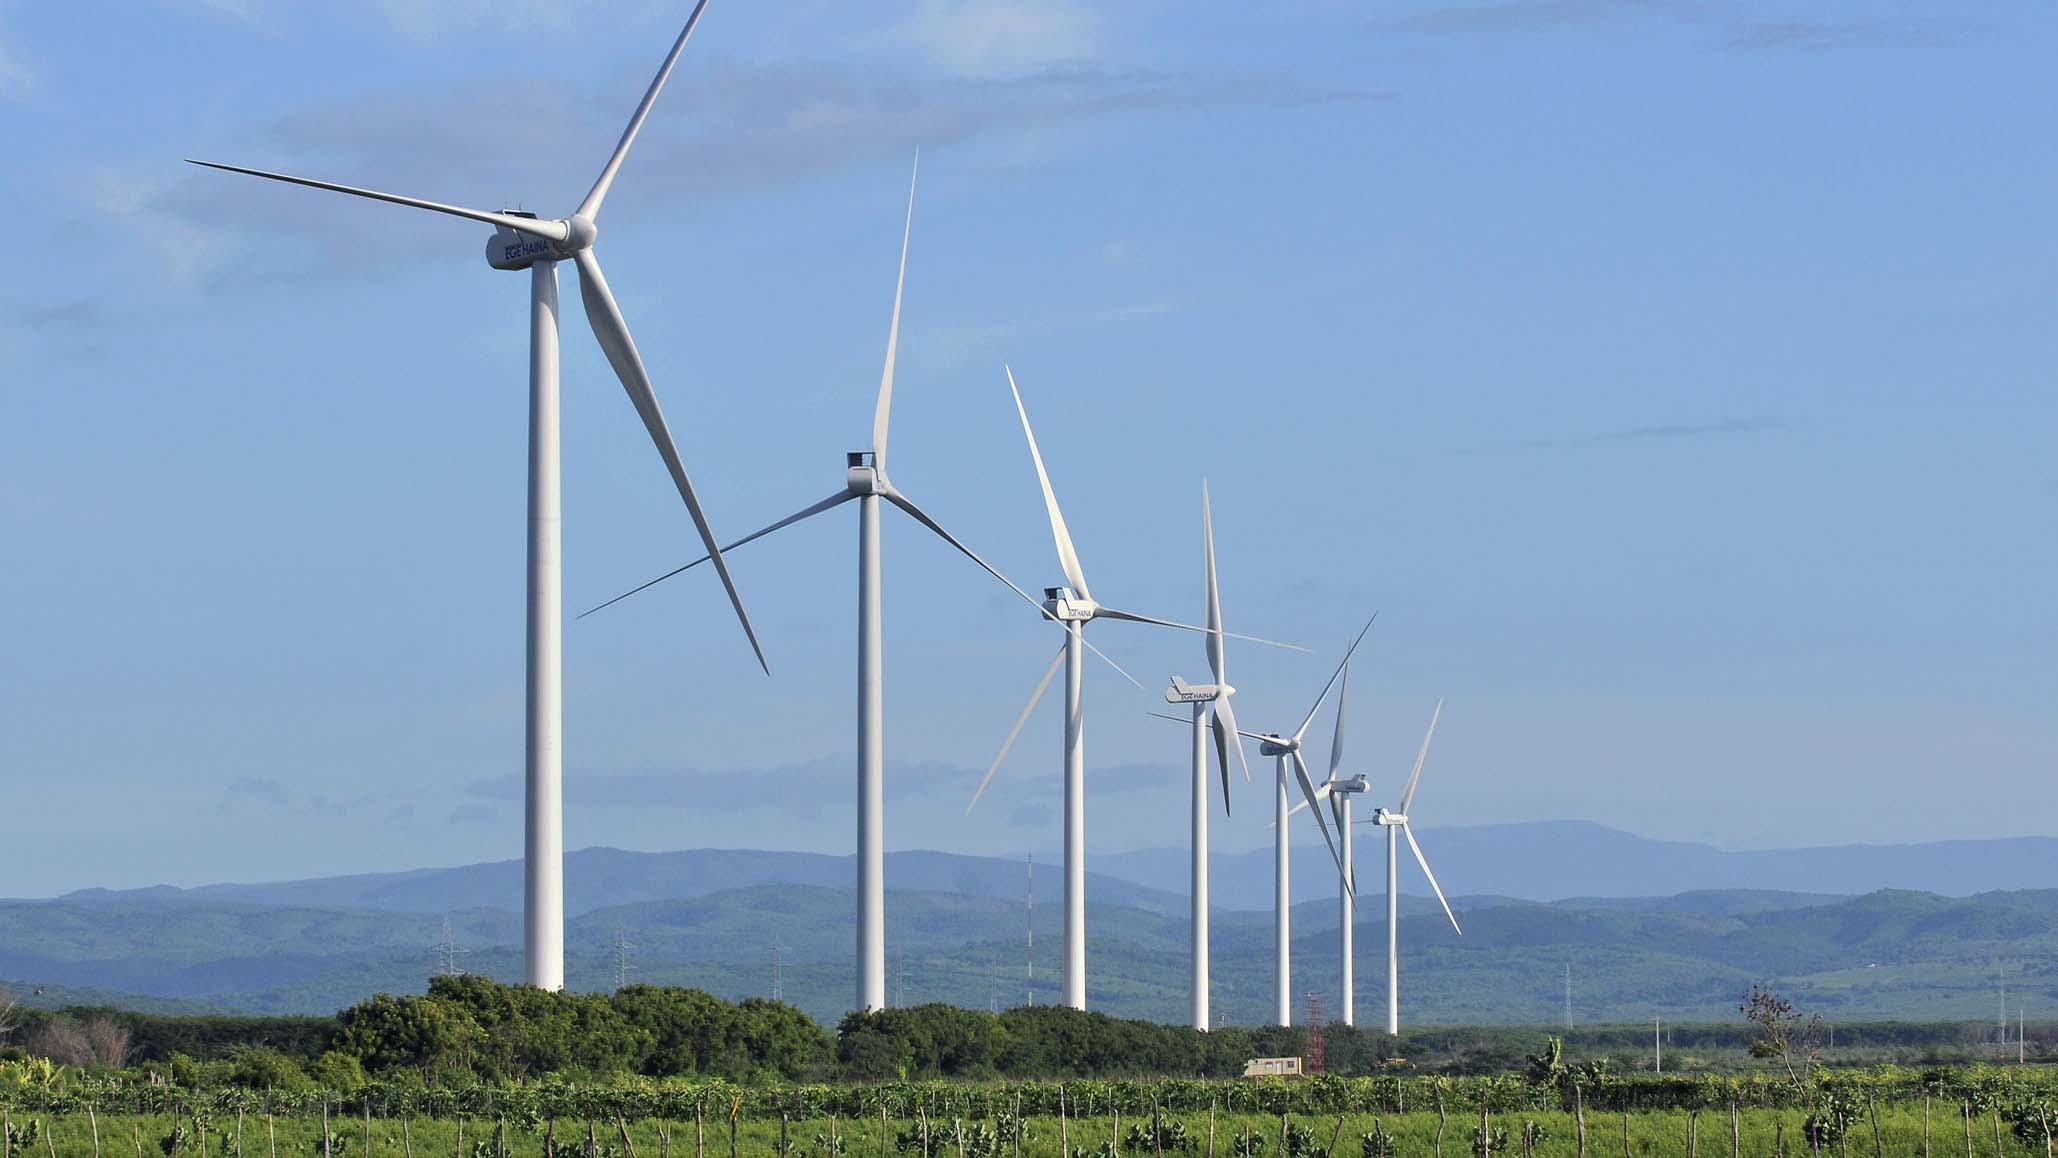 El proyecto eólico es tomado como ejemplo frente al mercado de aquellas energías renovables en República Dominicana